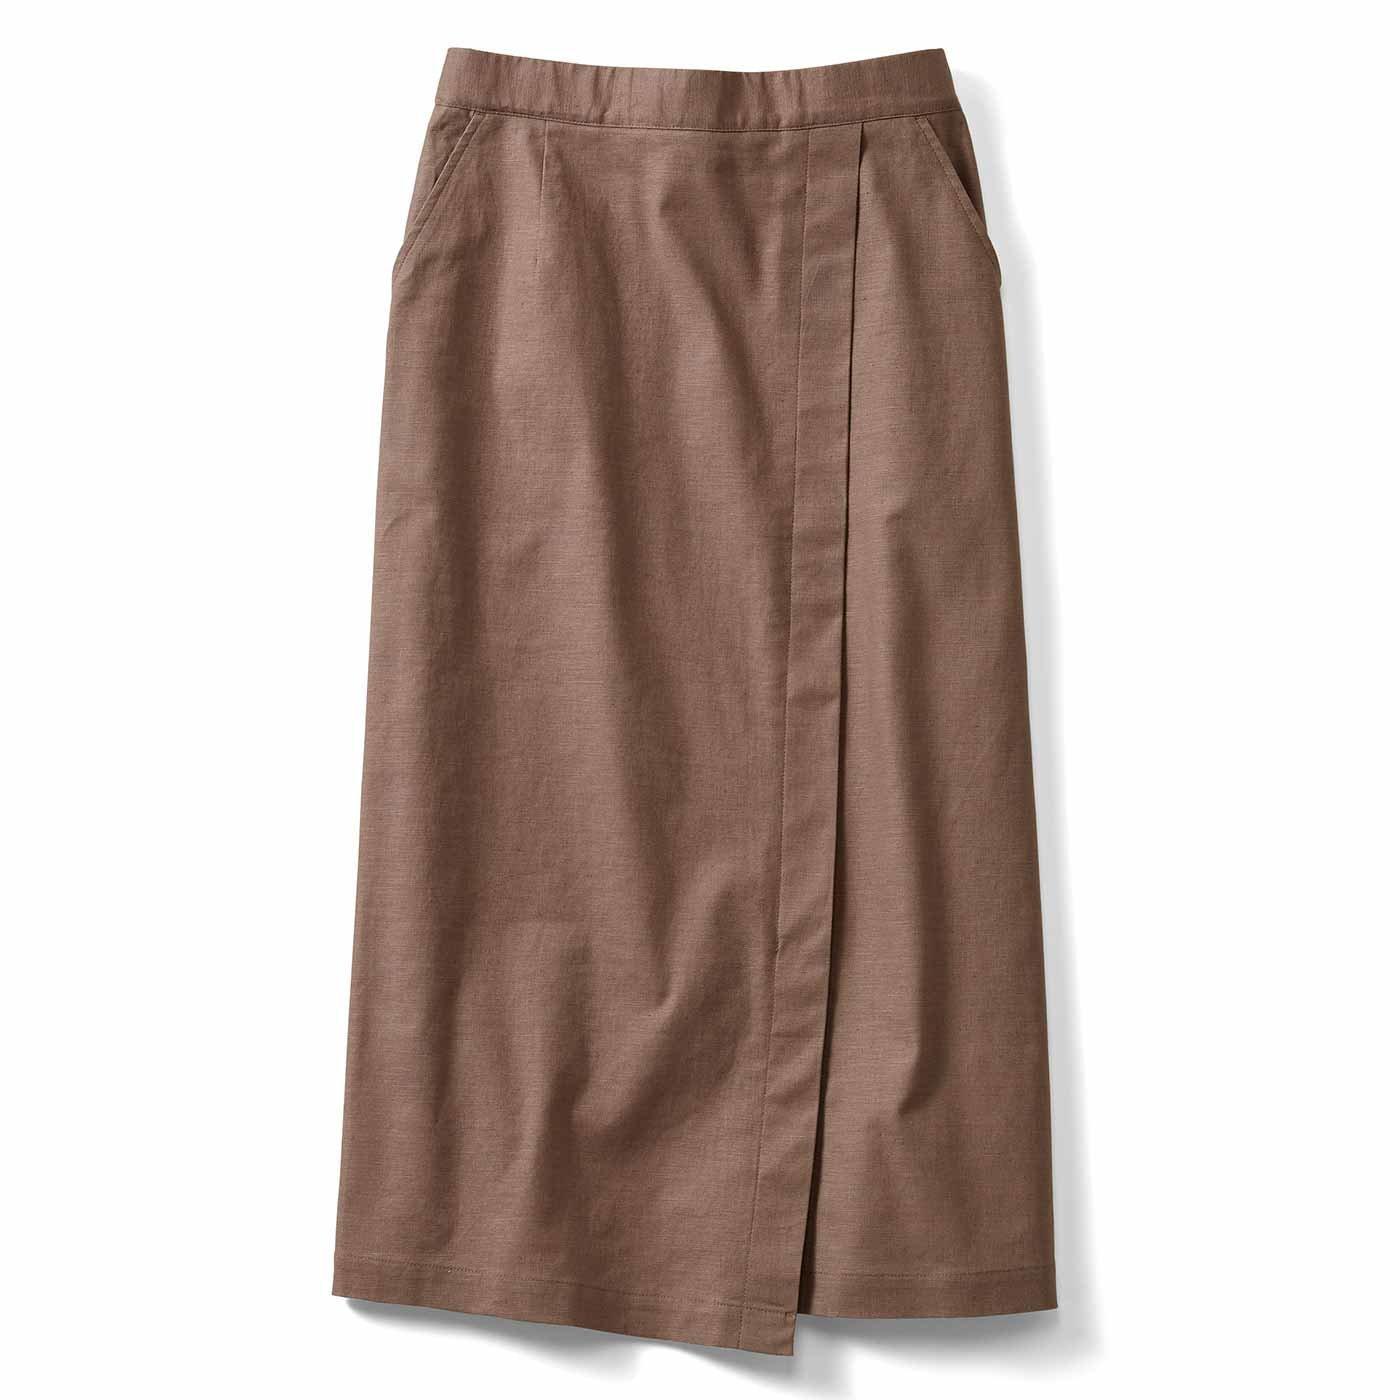 IEDIT[イディット] コーディネイトをすっきり見せてくれる ストレッチ麻混素材の切り替えIラインスカート〈ベージュ〉